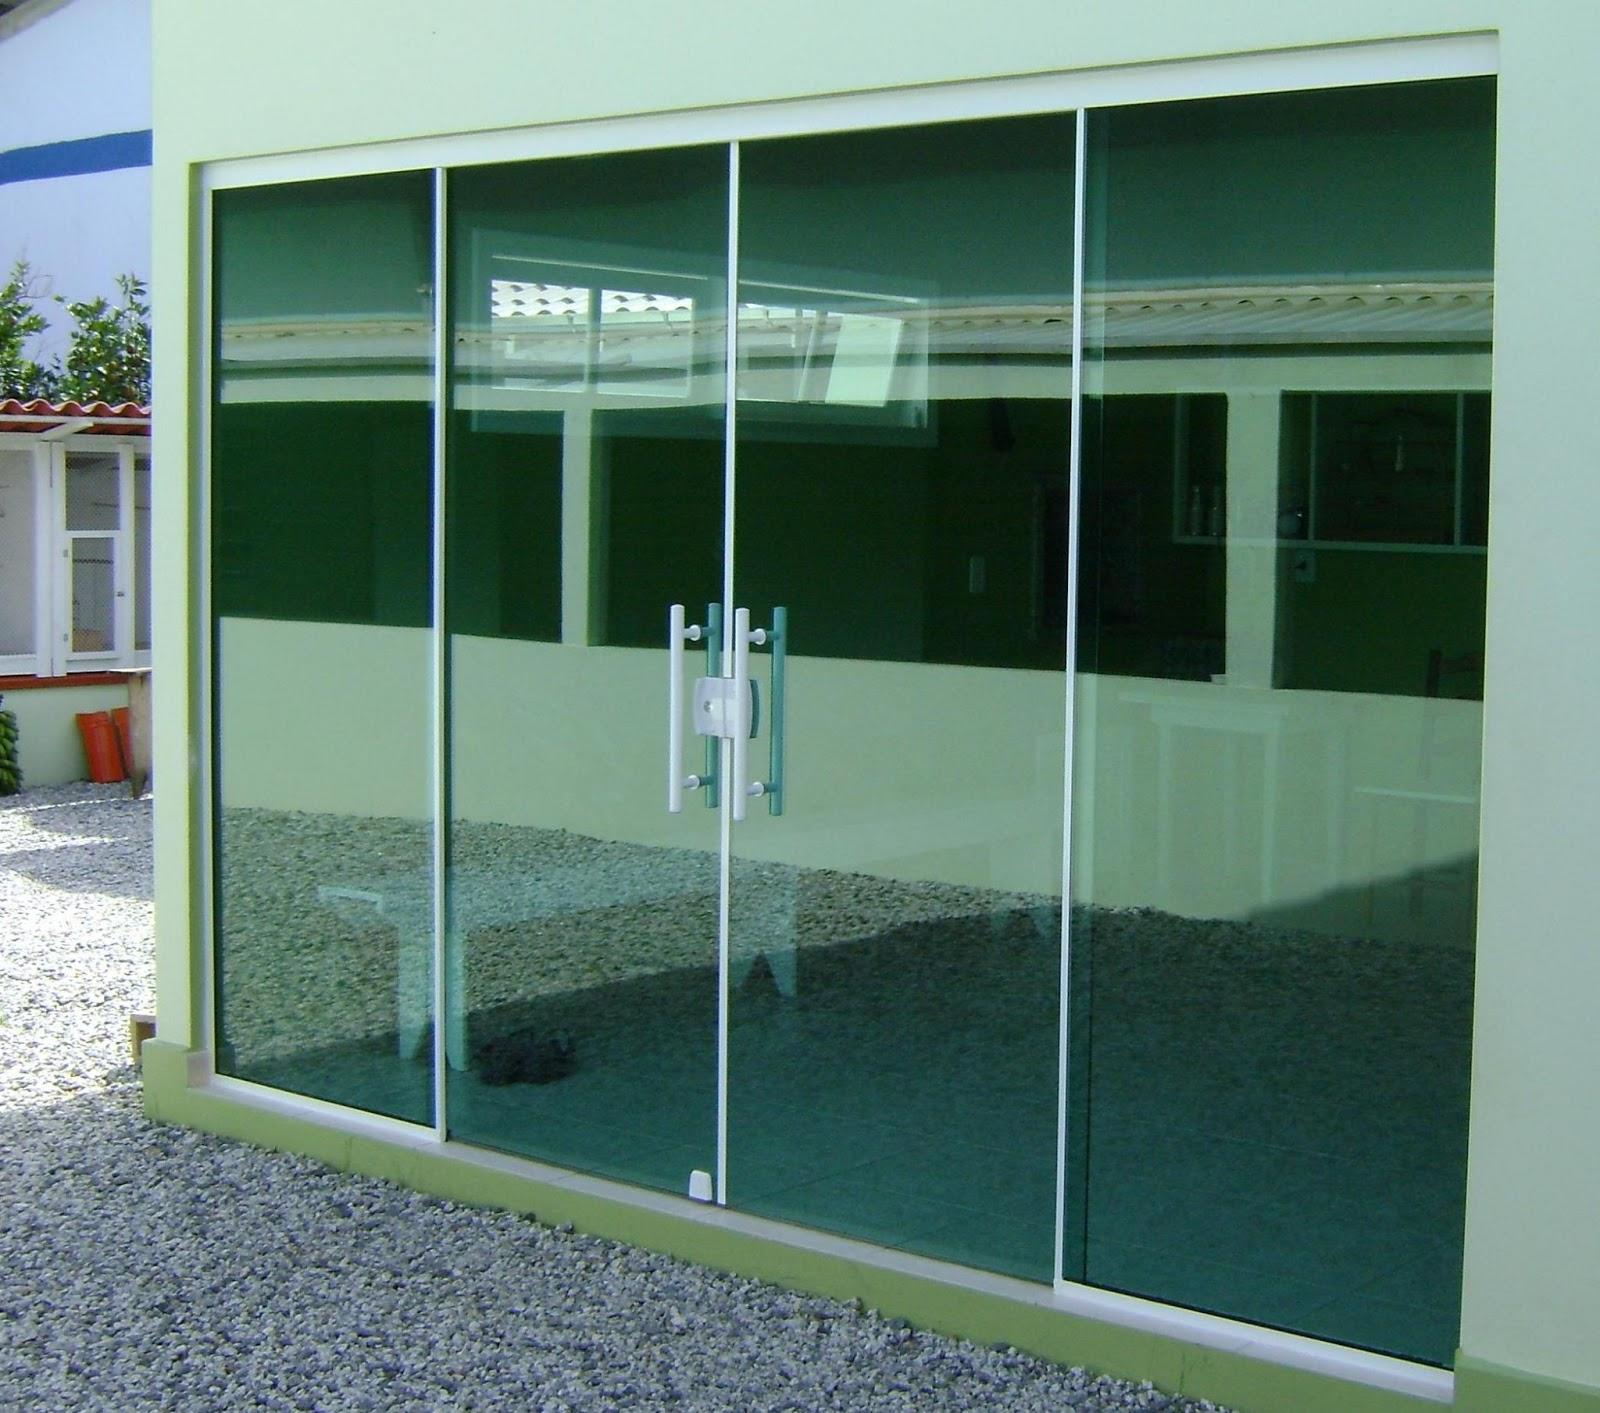 #163628 Construindo Minha Casa Clean: Película Residencial 292 Janelas De Vidro São Seguras